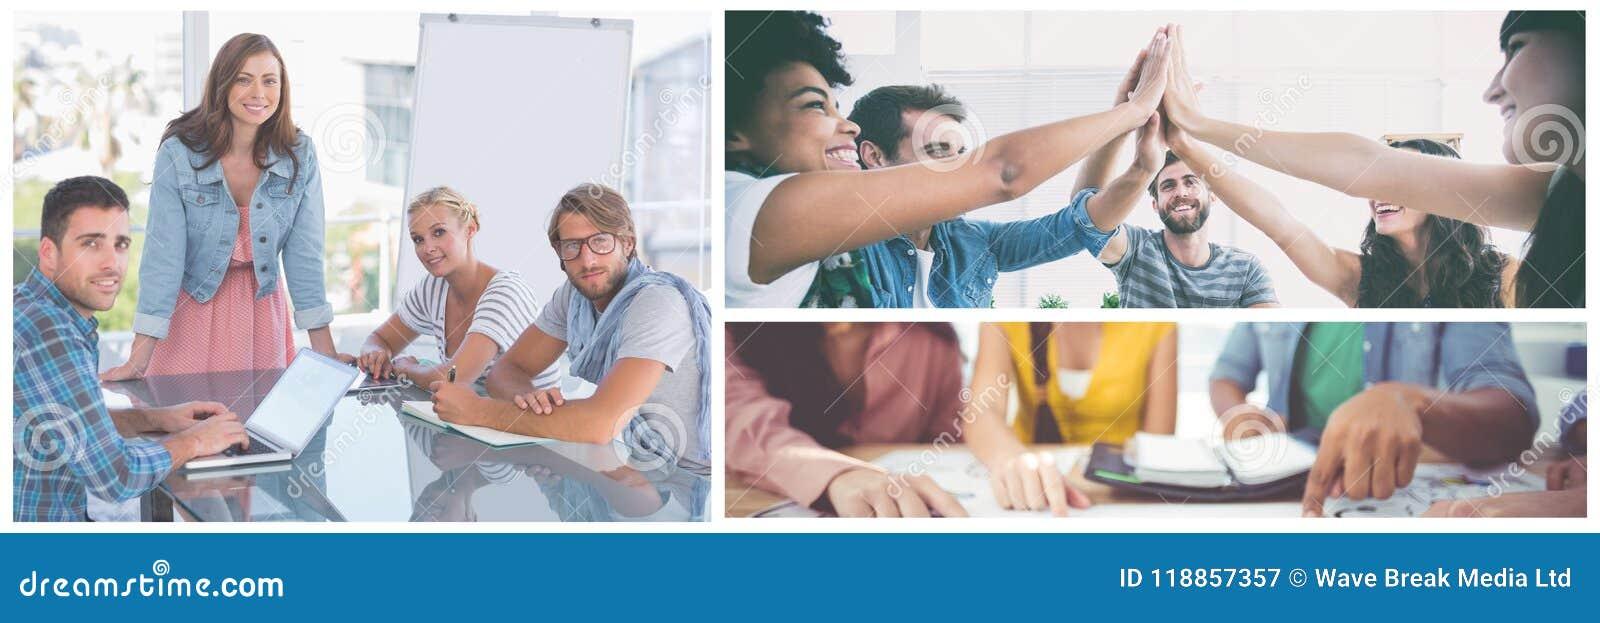 Collage de la reunión del trabajo en equipo